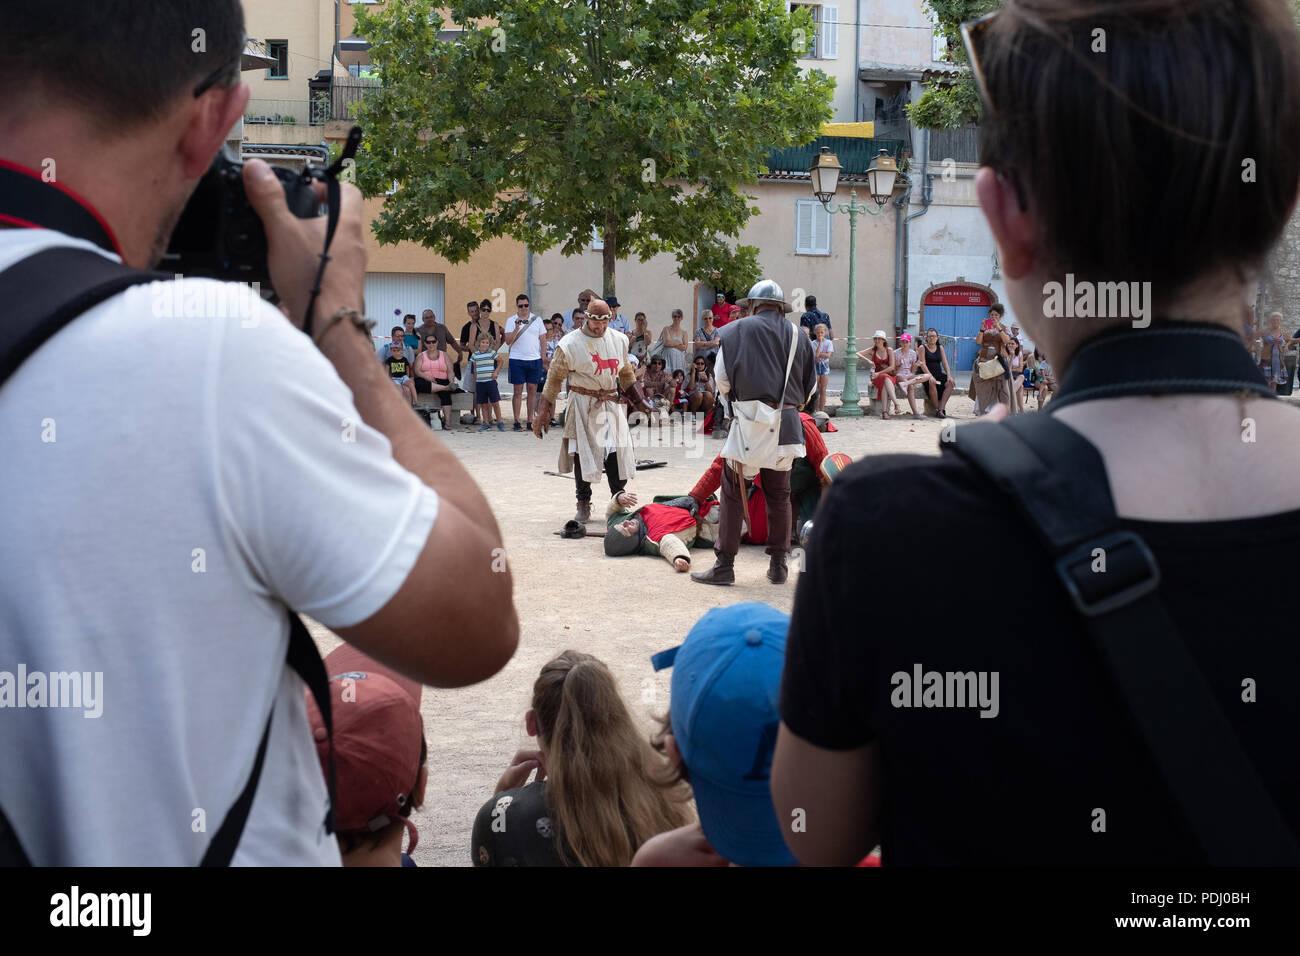 Medieval Festival in Saint-Cézaire-sur-Siagne, France Stock Photo